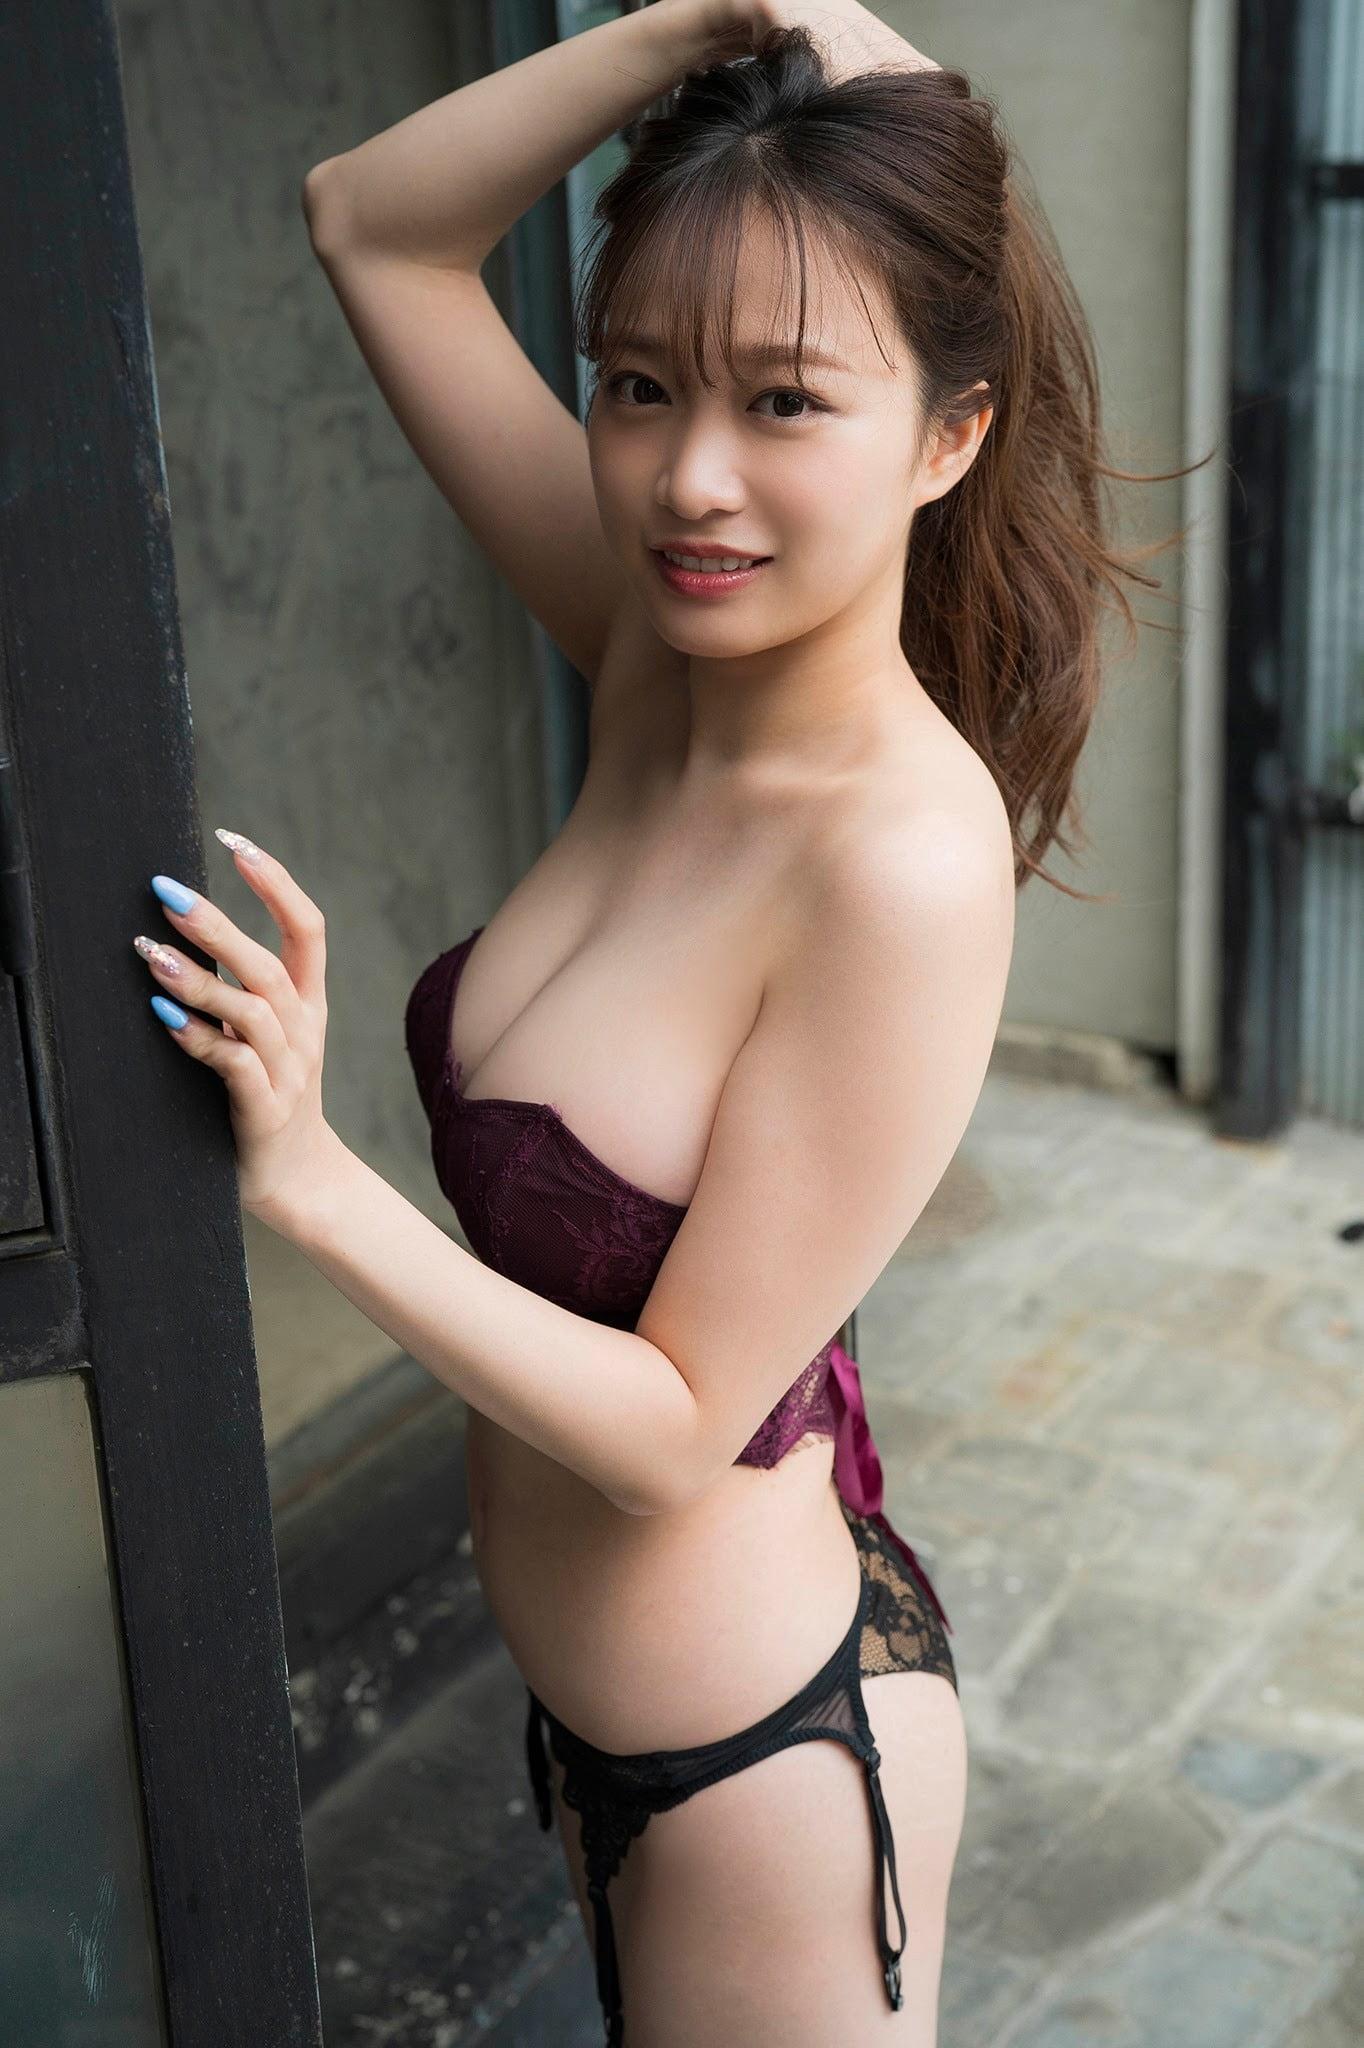 グラビアアイドル写真集|超絶ボディラインの90cmバストを持つ青井春高画質グラビア画像まとめ3 100枚